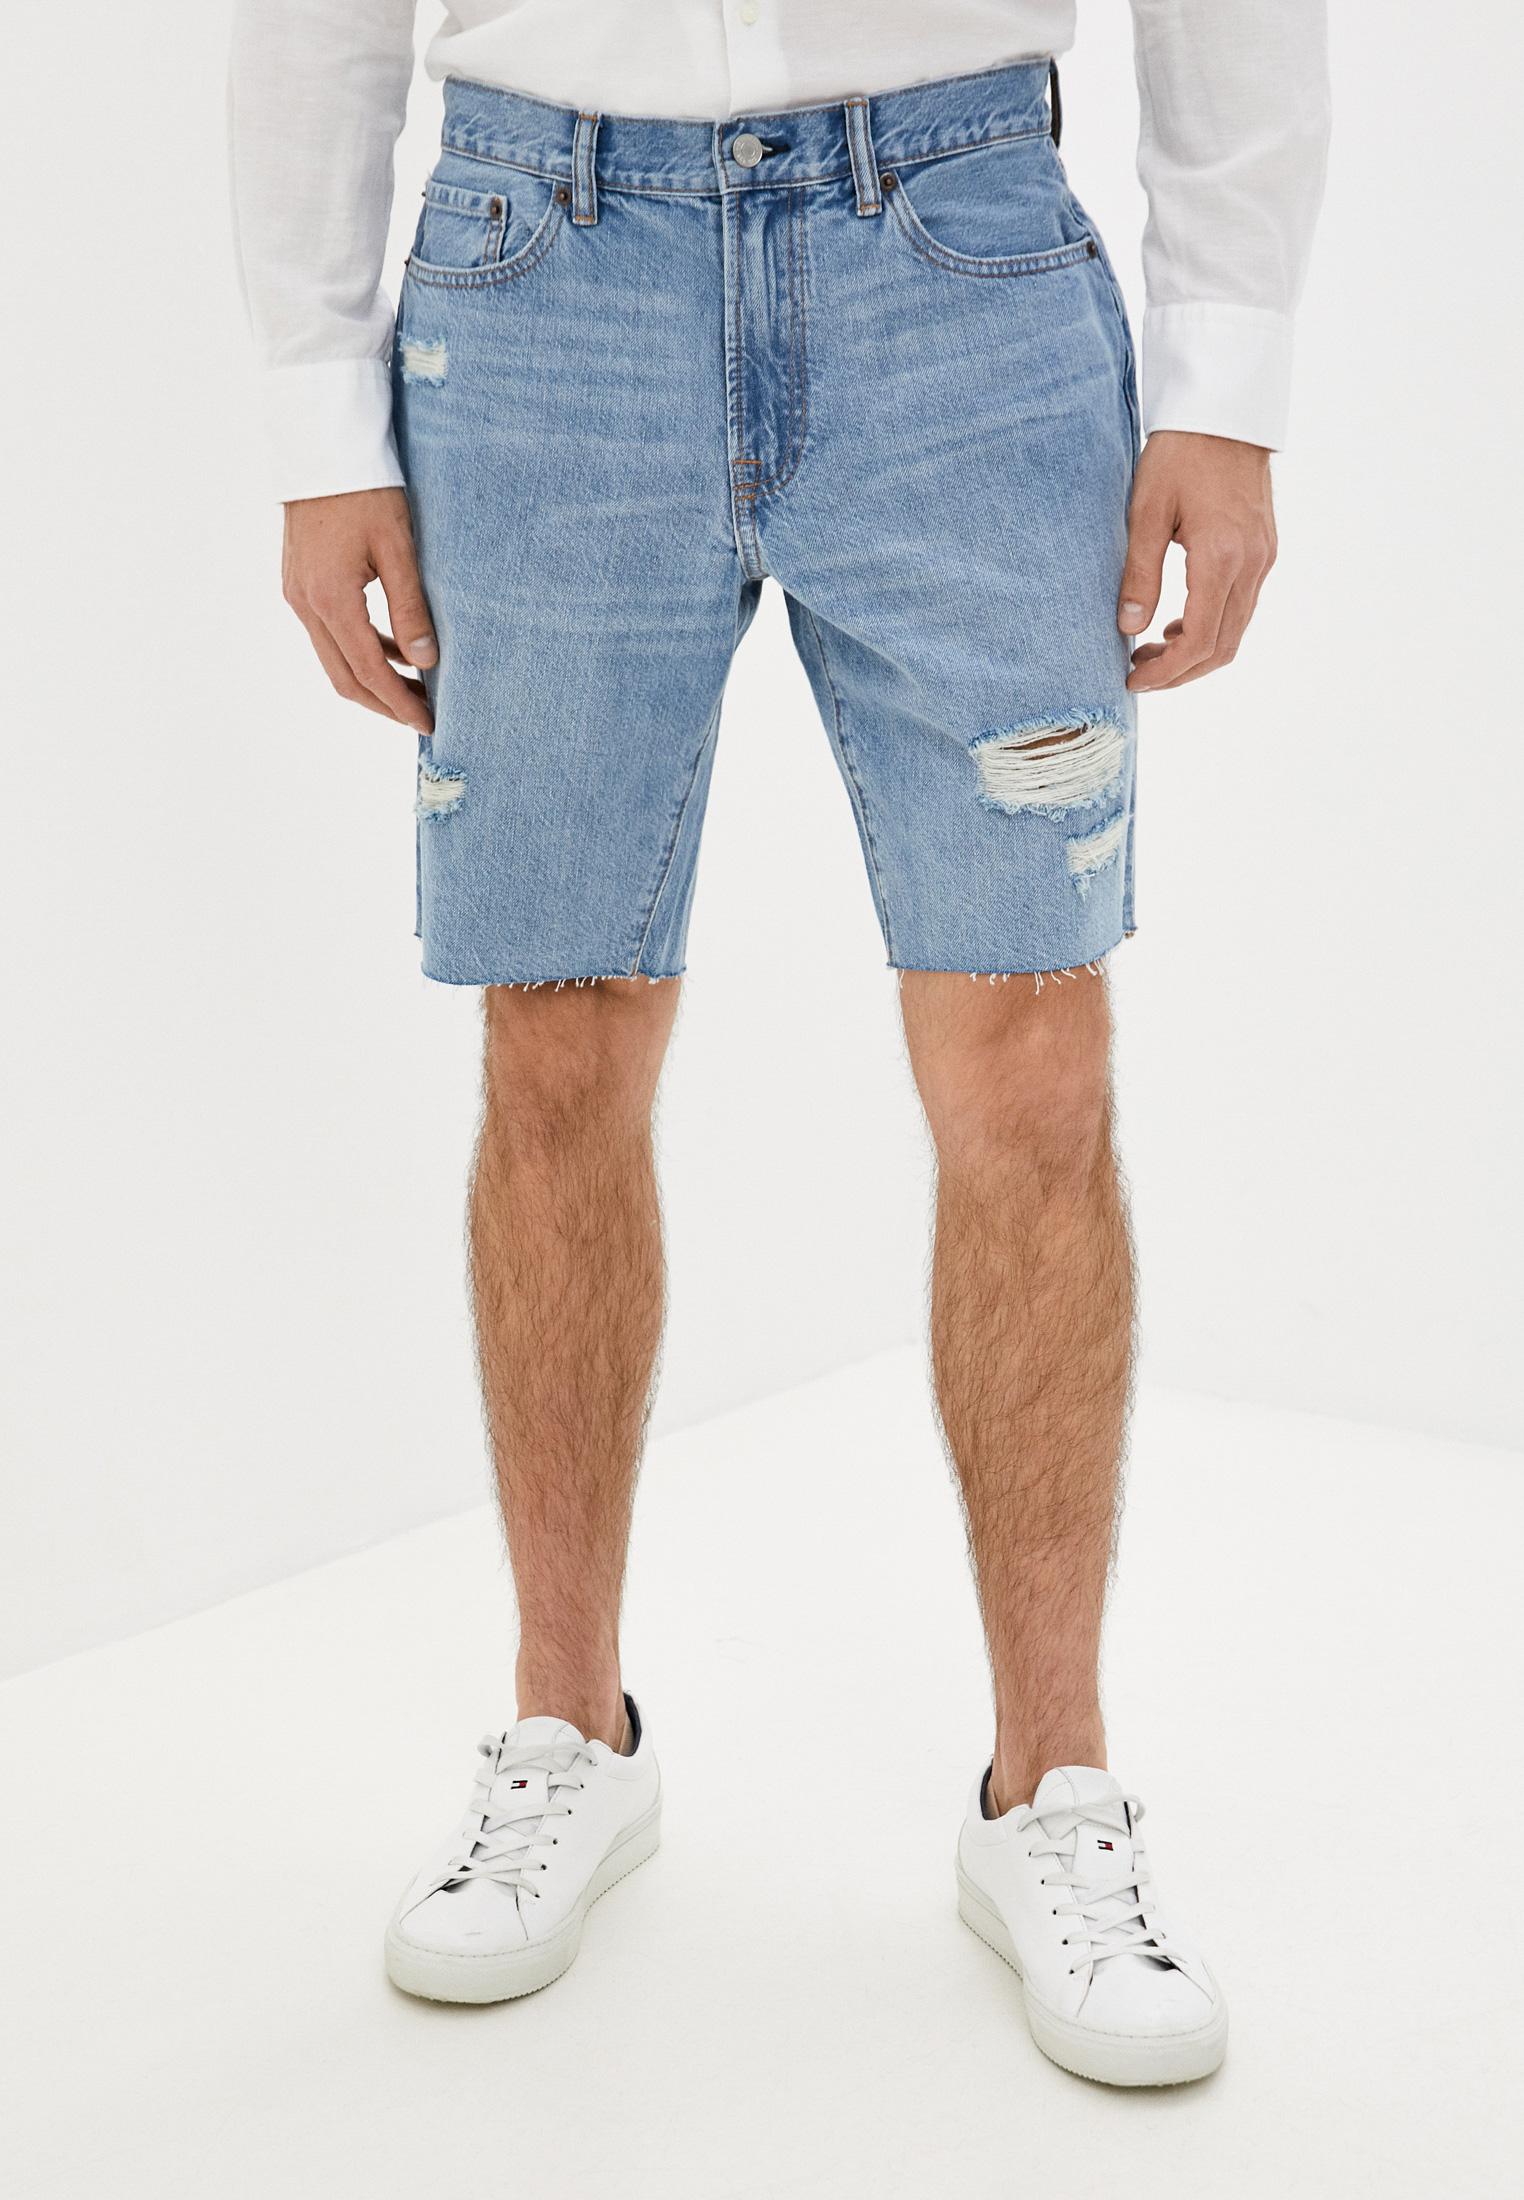 Мужские джинсовые шорты Gap Шорты джинсовые Gap